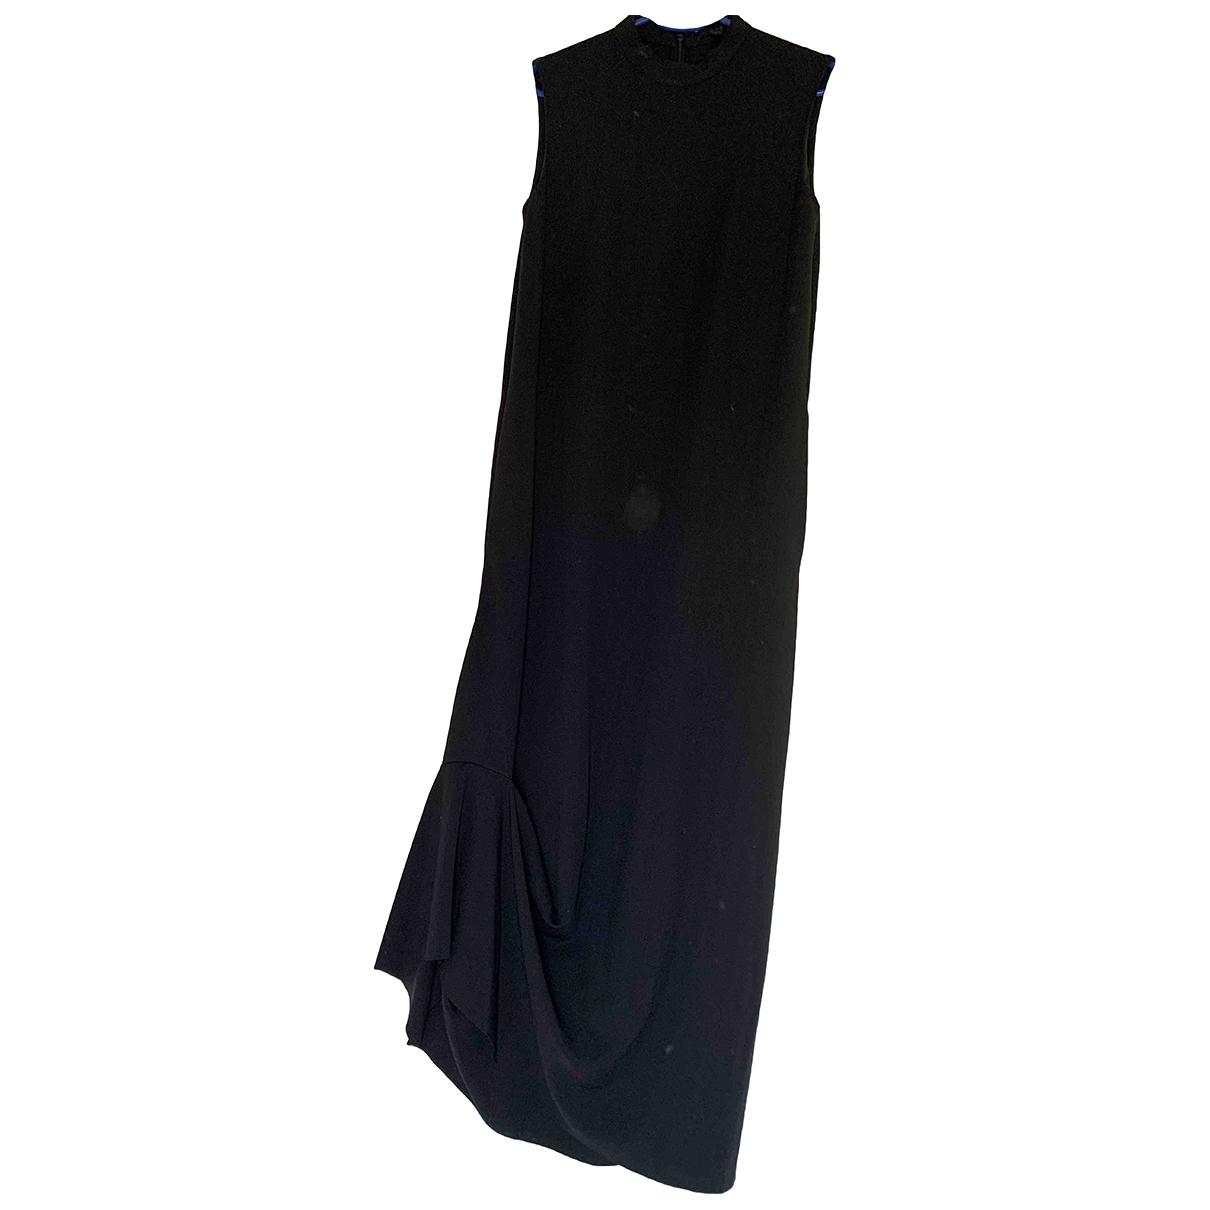 Cos \N Black dress for Women 34 FR